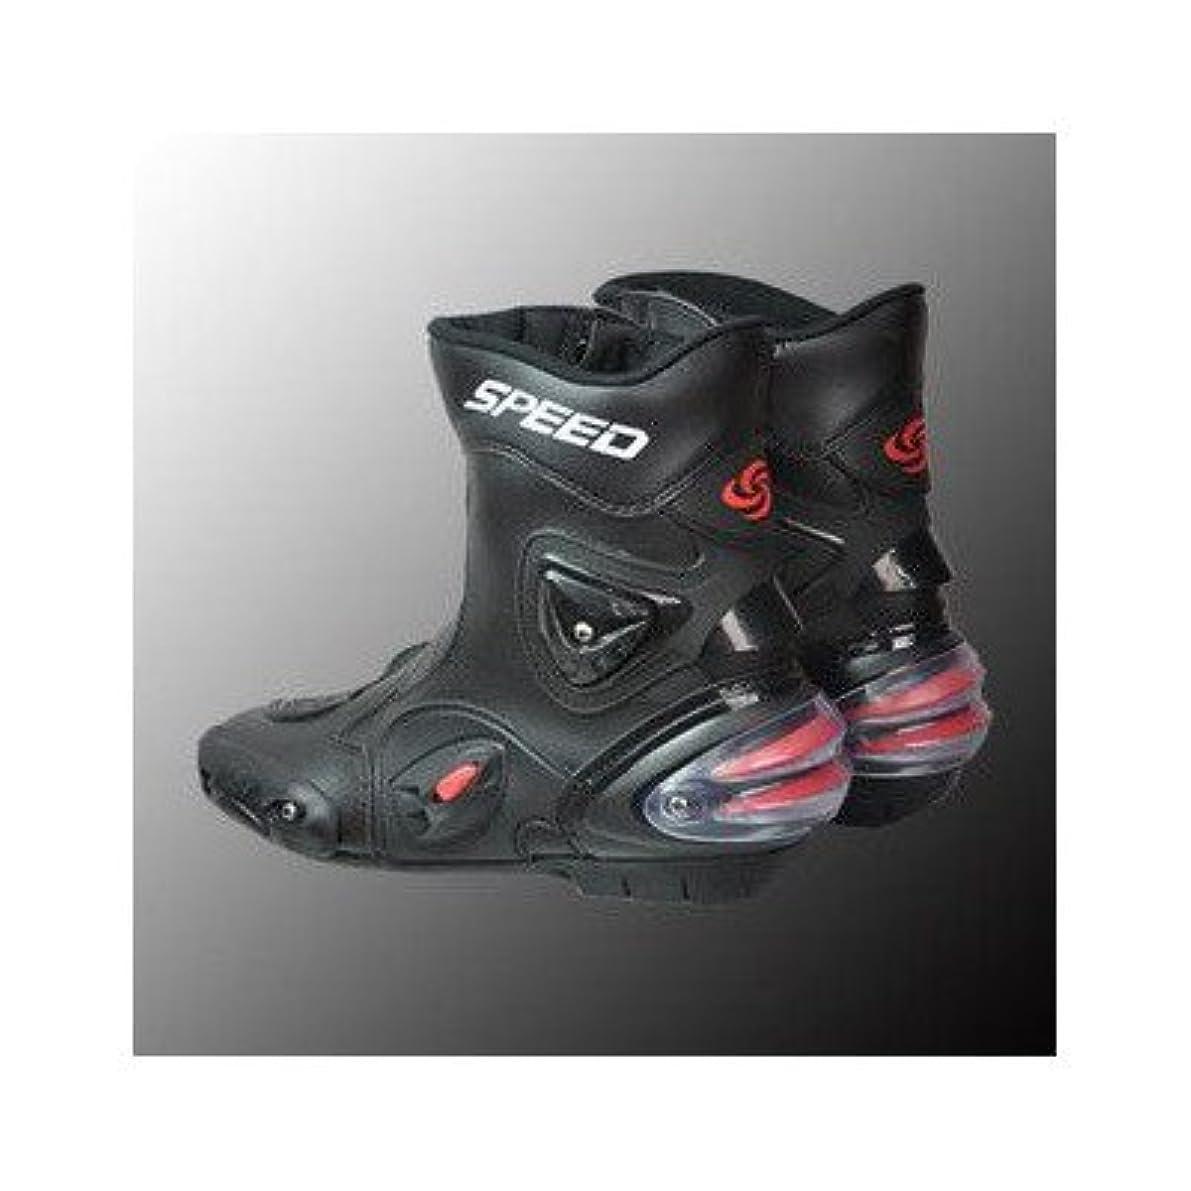 よろしくスリチンモイ補助金AJK レーシングブーツロングプロテクターブーツバイクシューズレーシングブーツ/最新モデル/Black SIZE45/約28.5cm|1070|